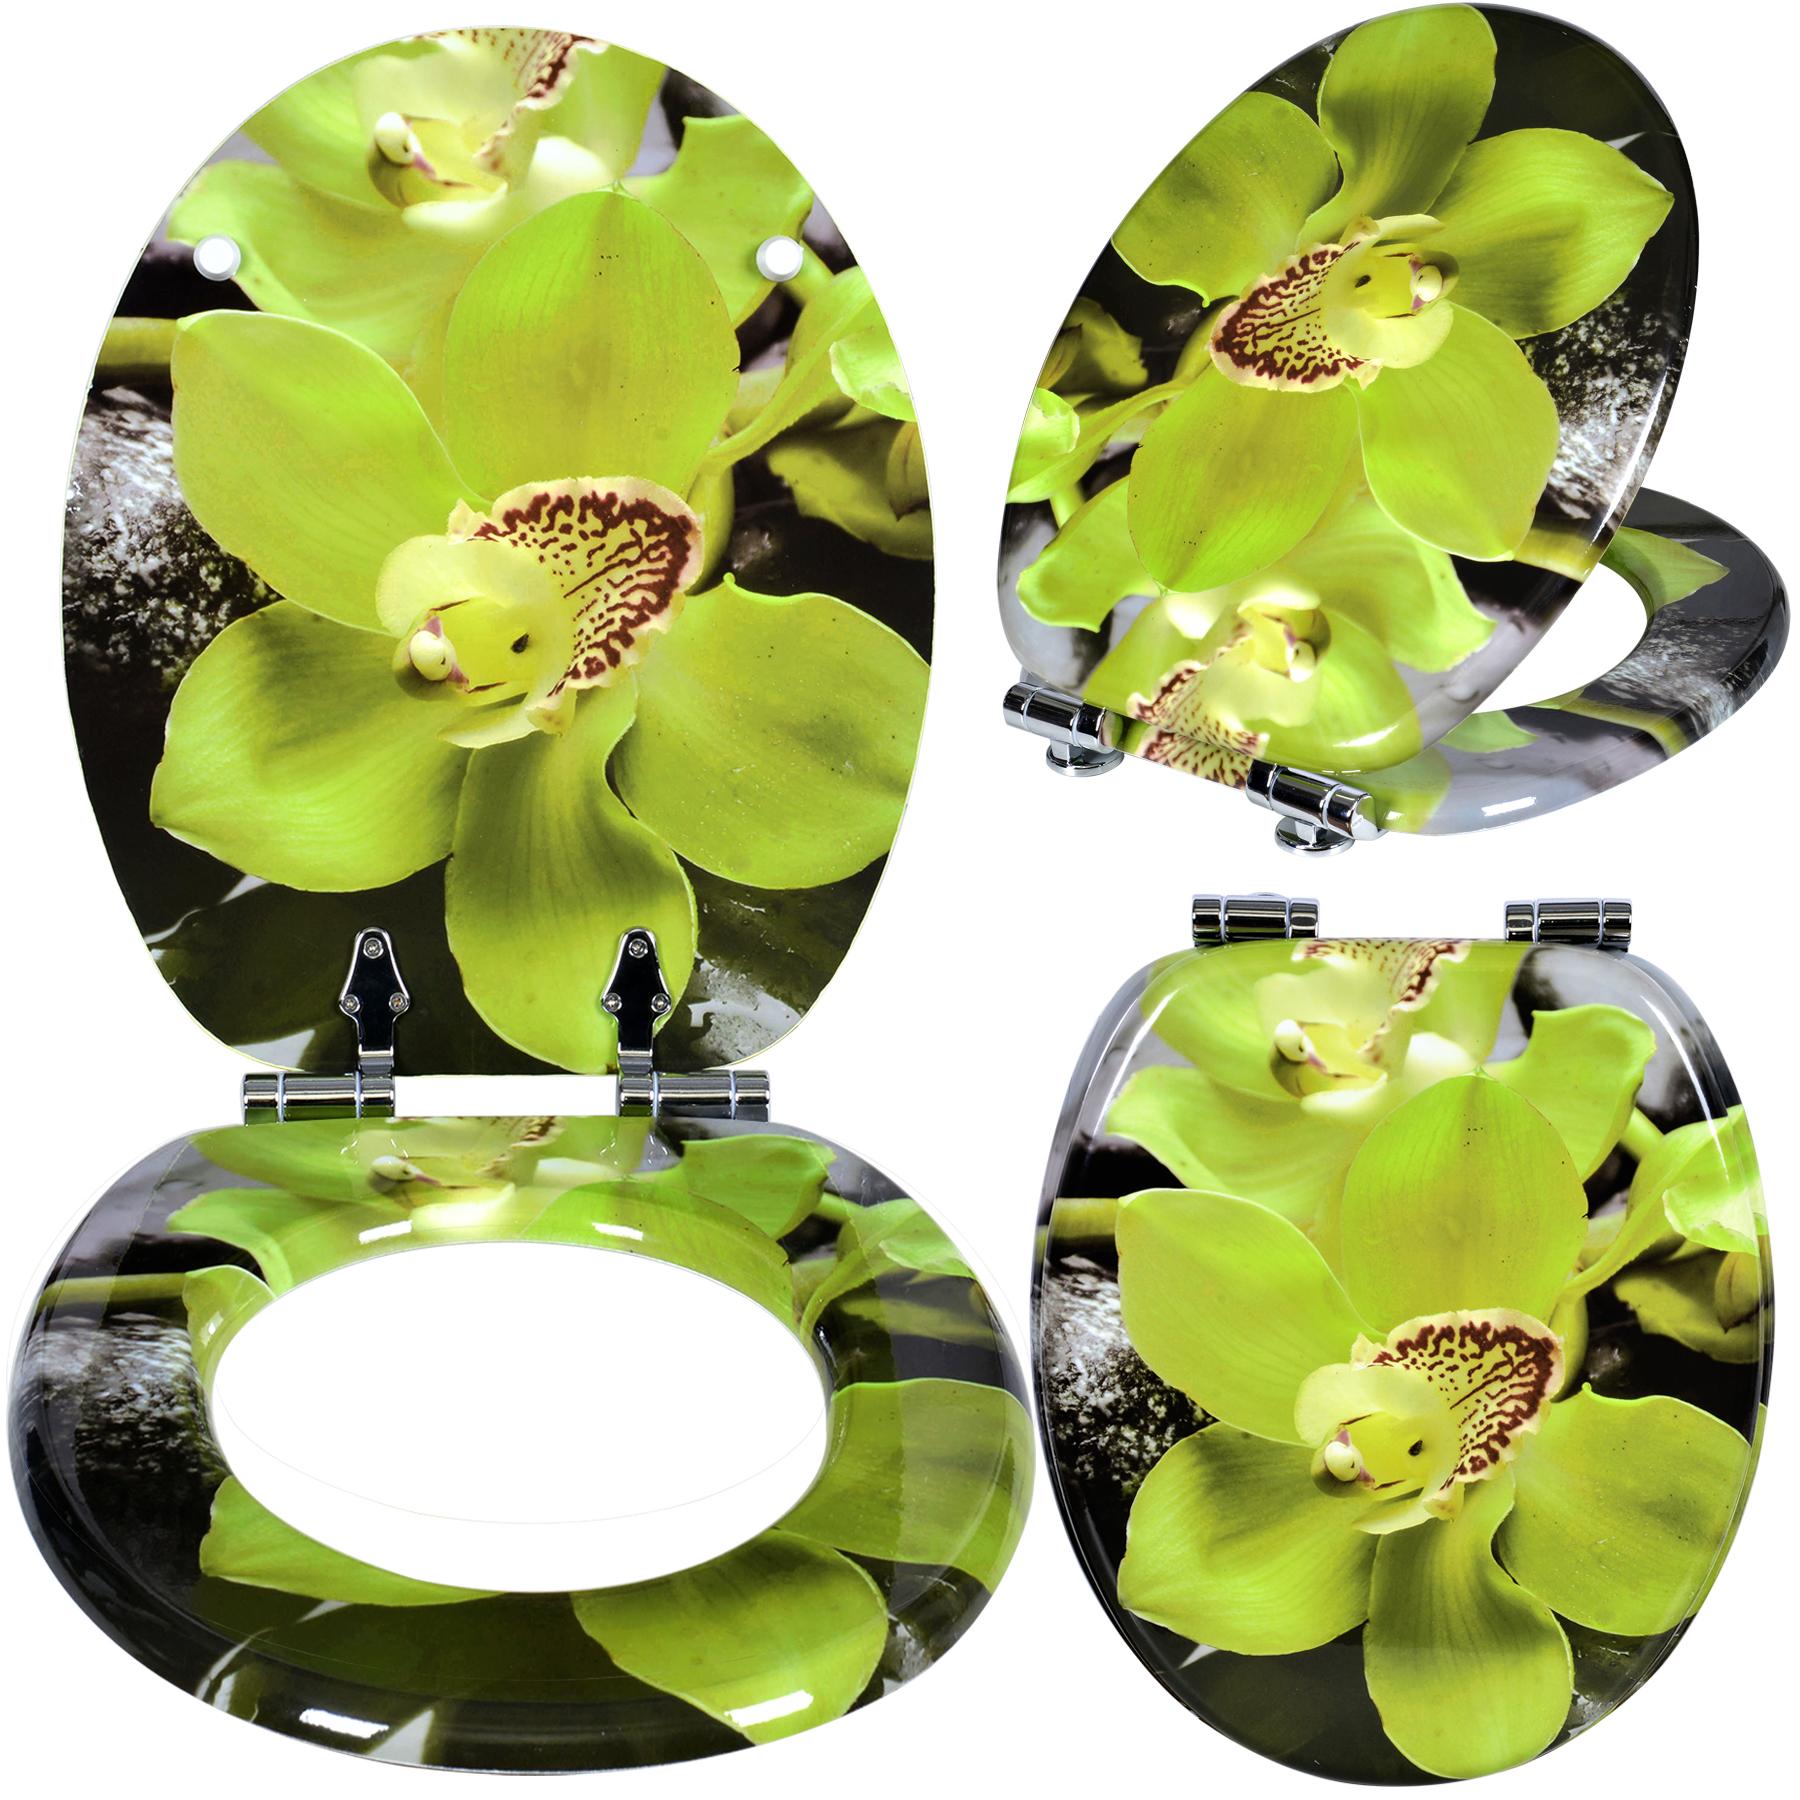 toilettensitz wc sitz toilettendeckel wc sitze deckel klodeckel brille gr n 162 ebay. Black Bedroom Furniture Sets. Home Design Ideas